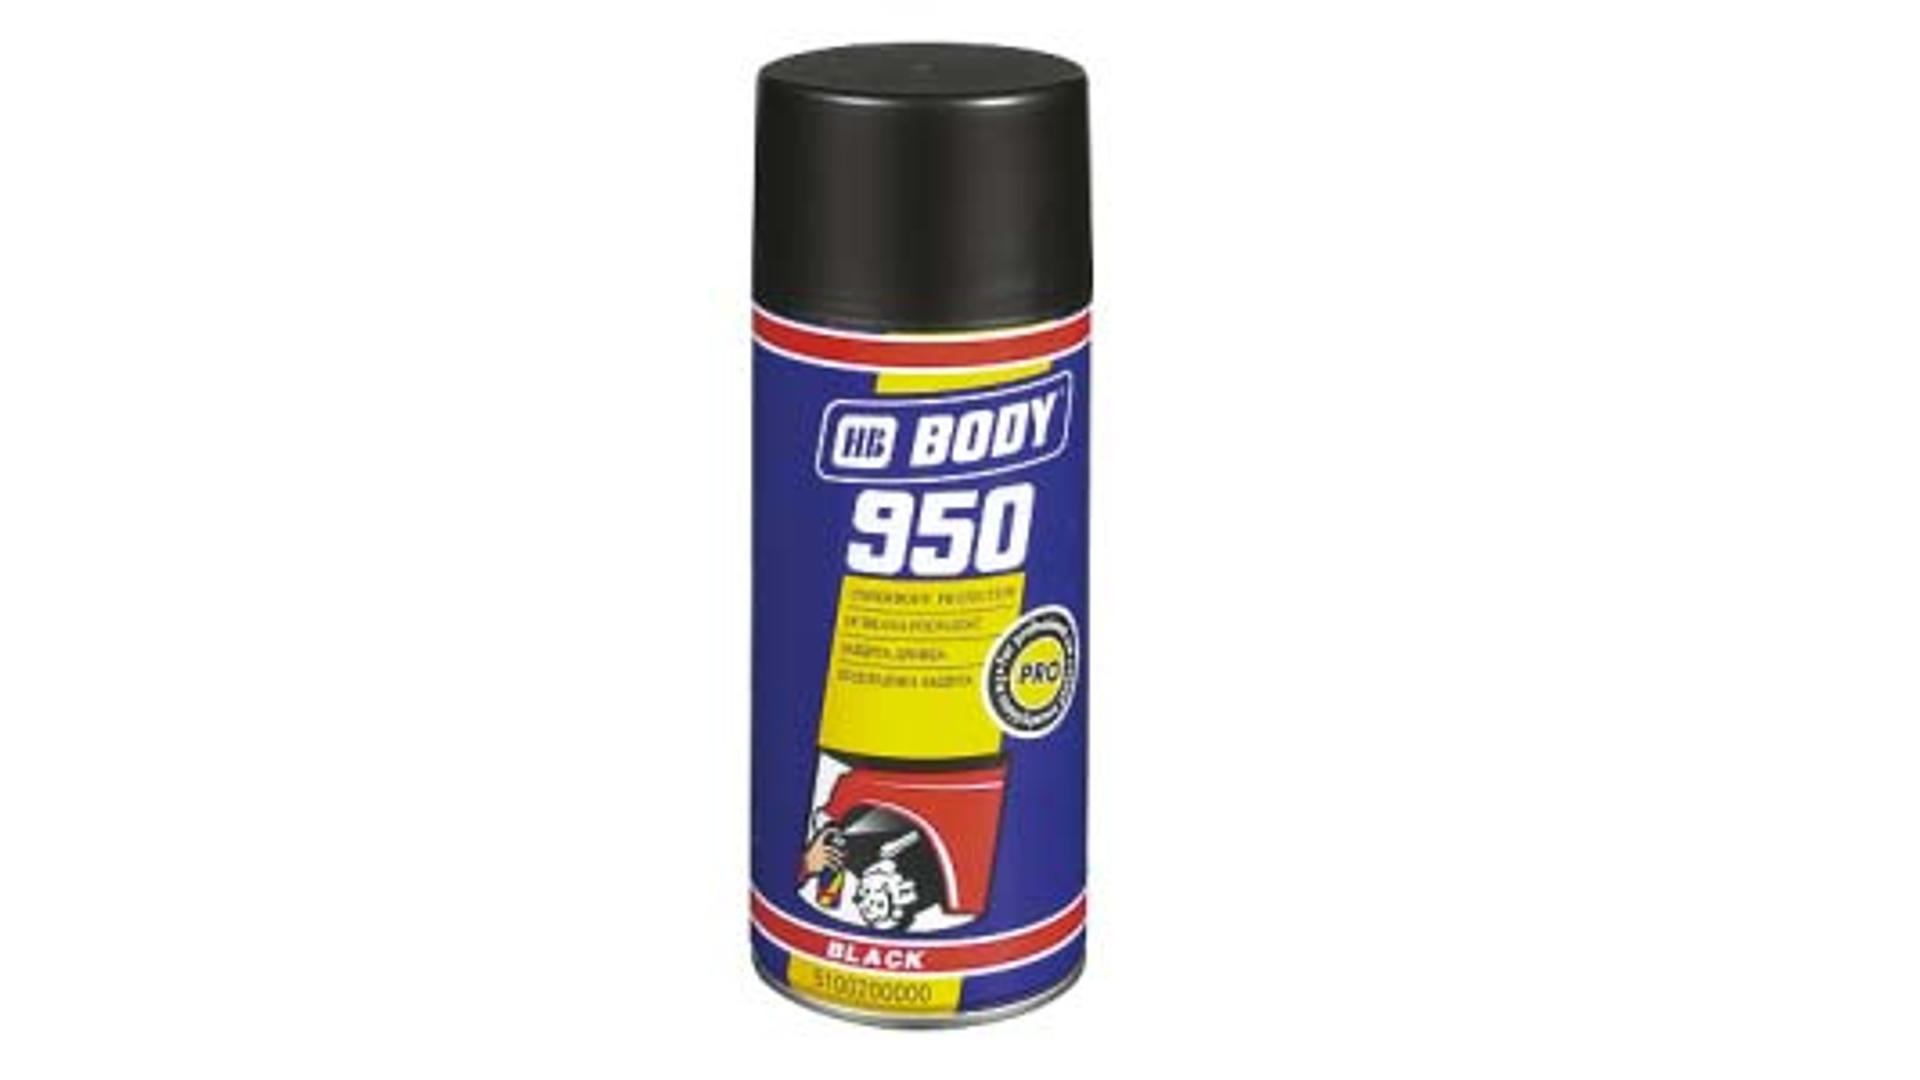 HB BODY 950 sprej čierny 400ml